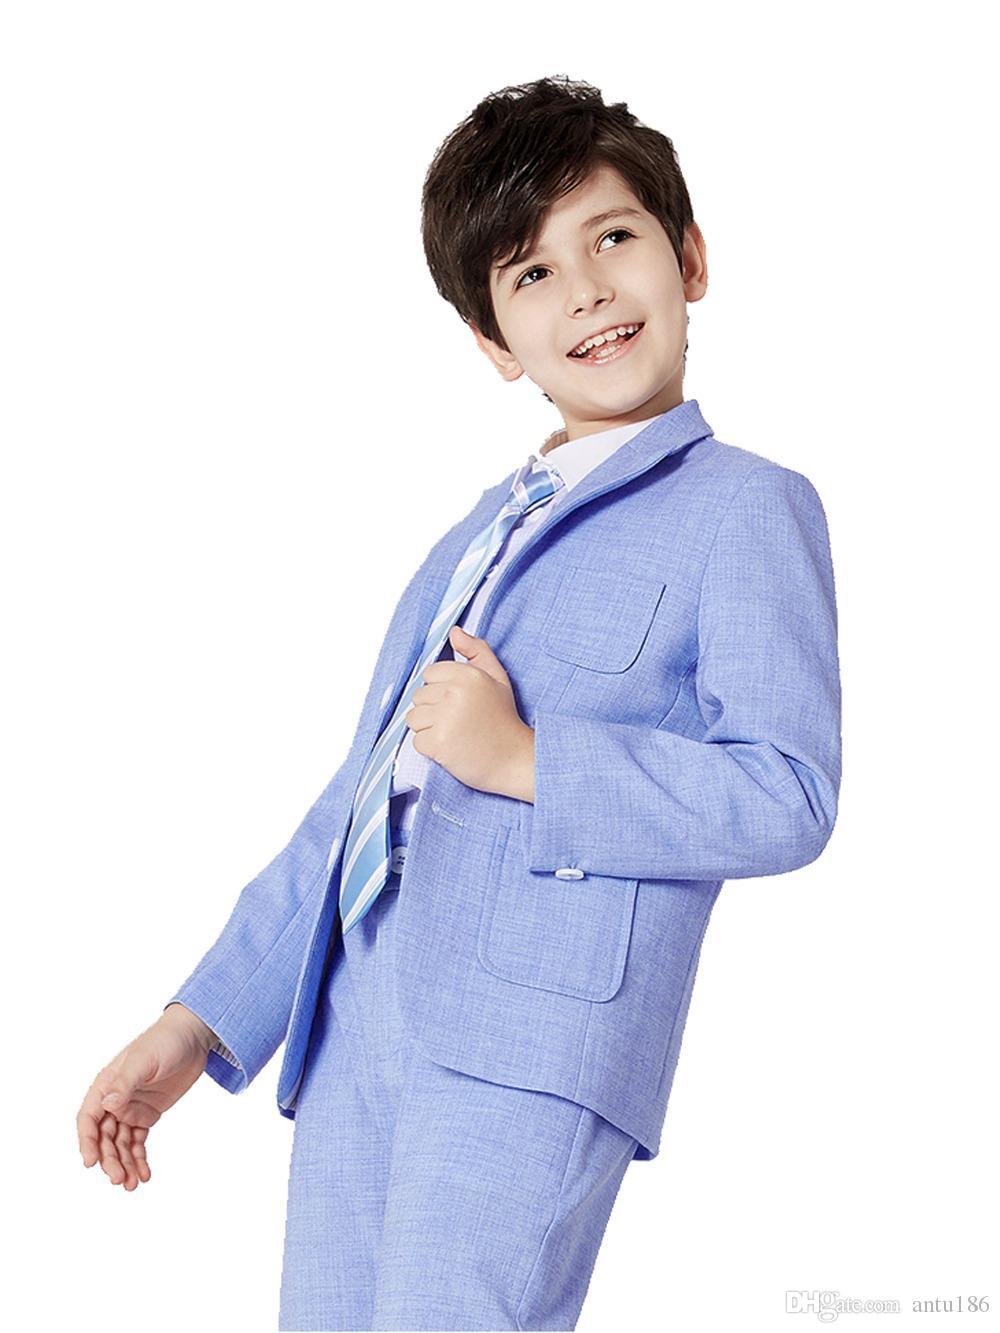 Çocuklar için iki parçalı takım resmi, klasik, düğün, vb. Gibi resmi durumlar için uygundur. Çeşitli renkler seçilebilir.